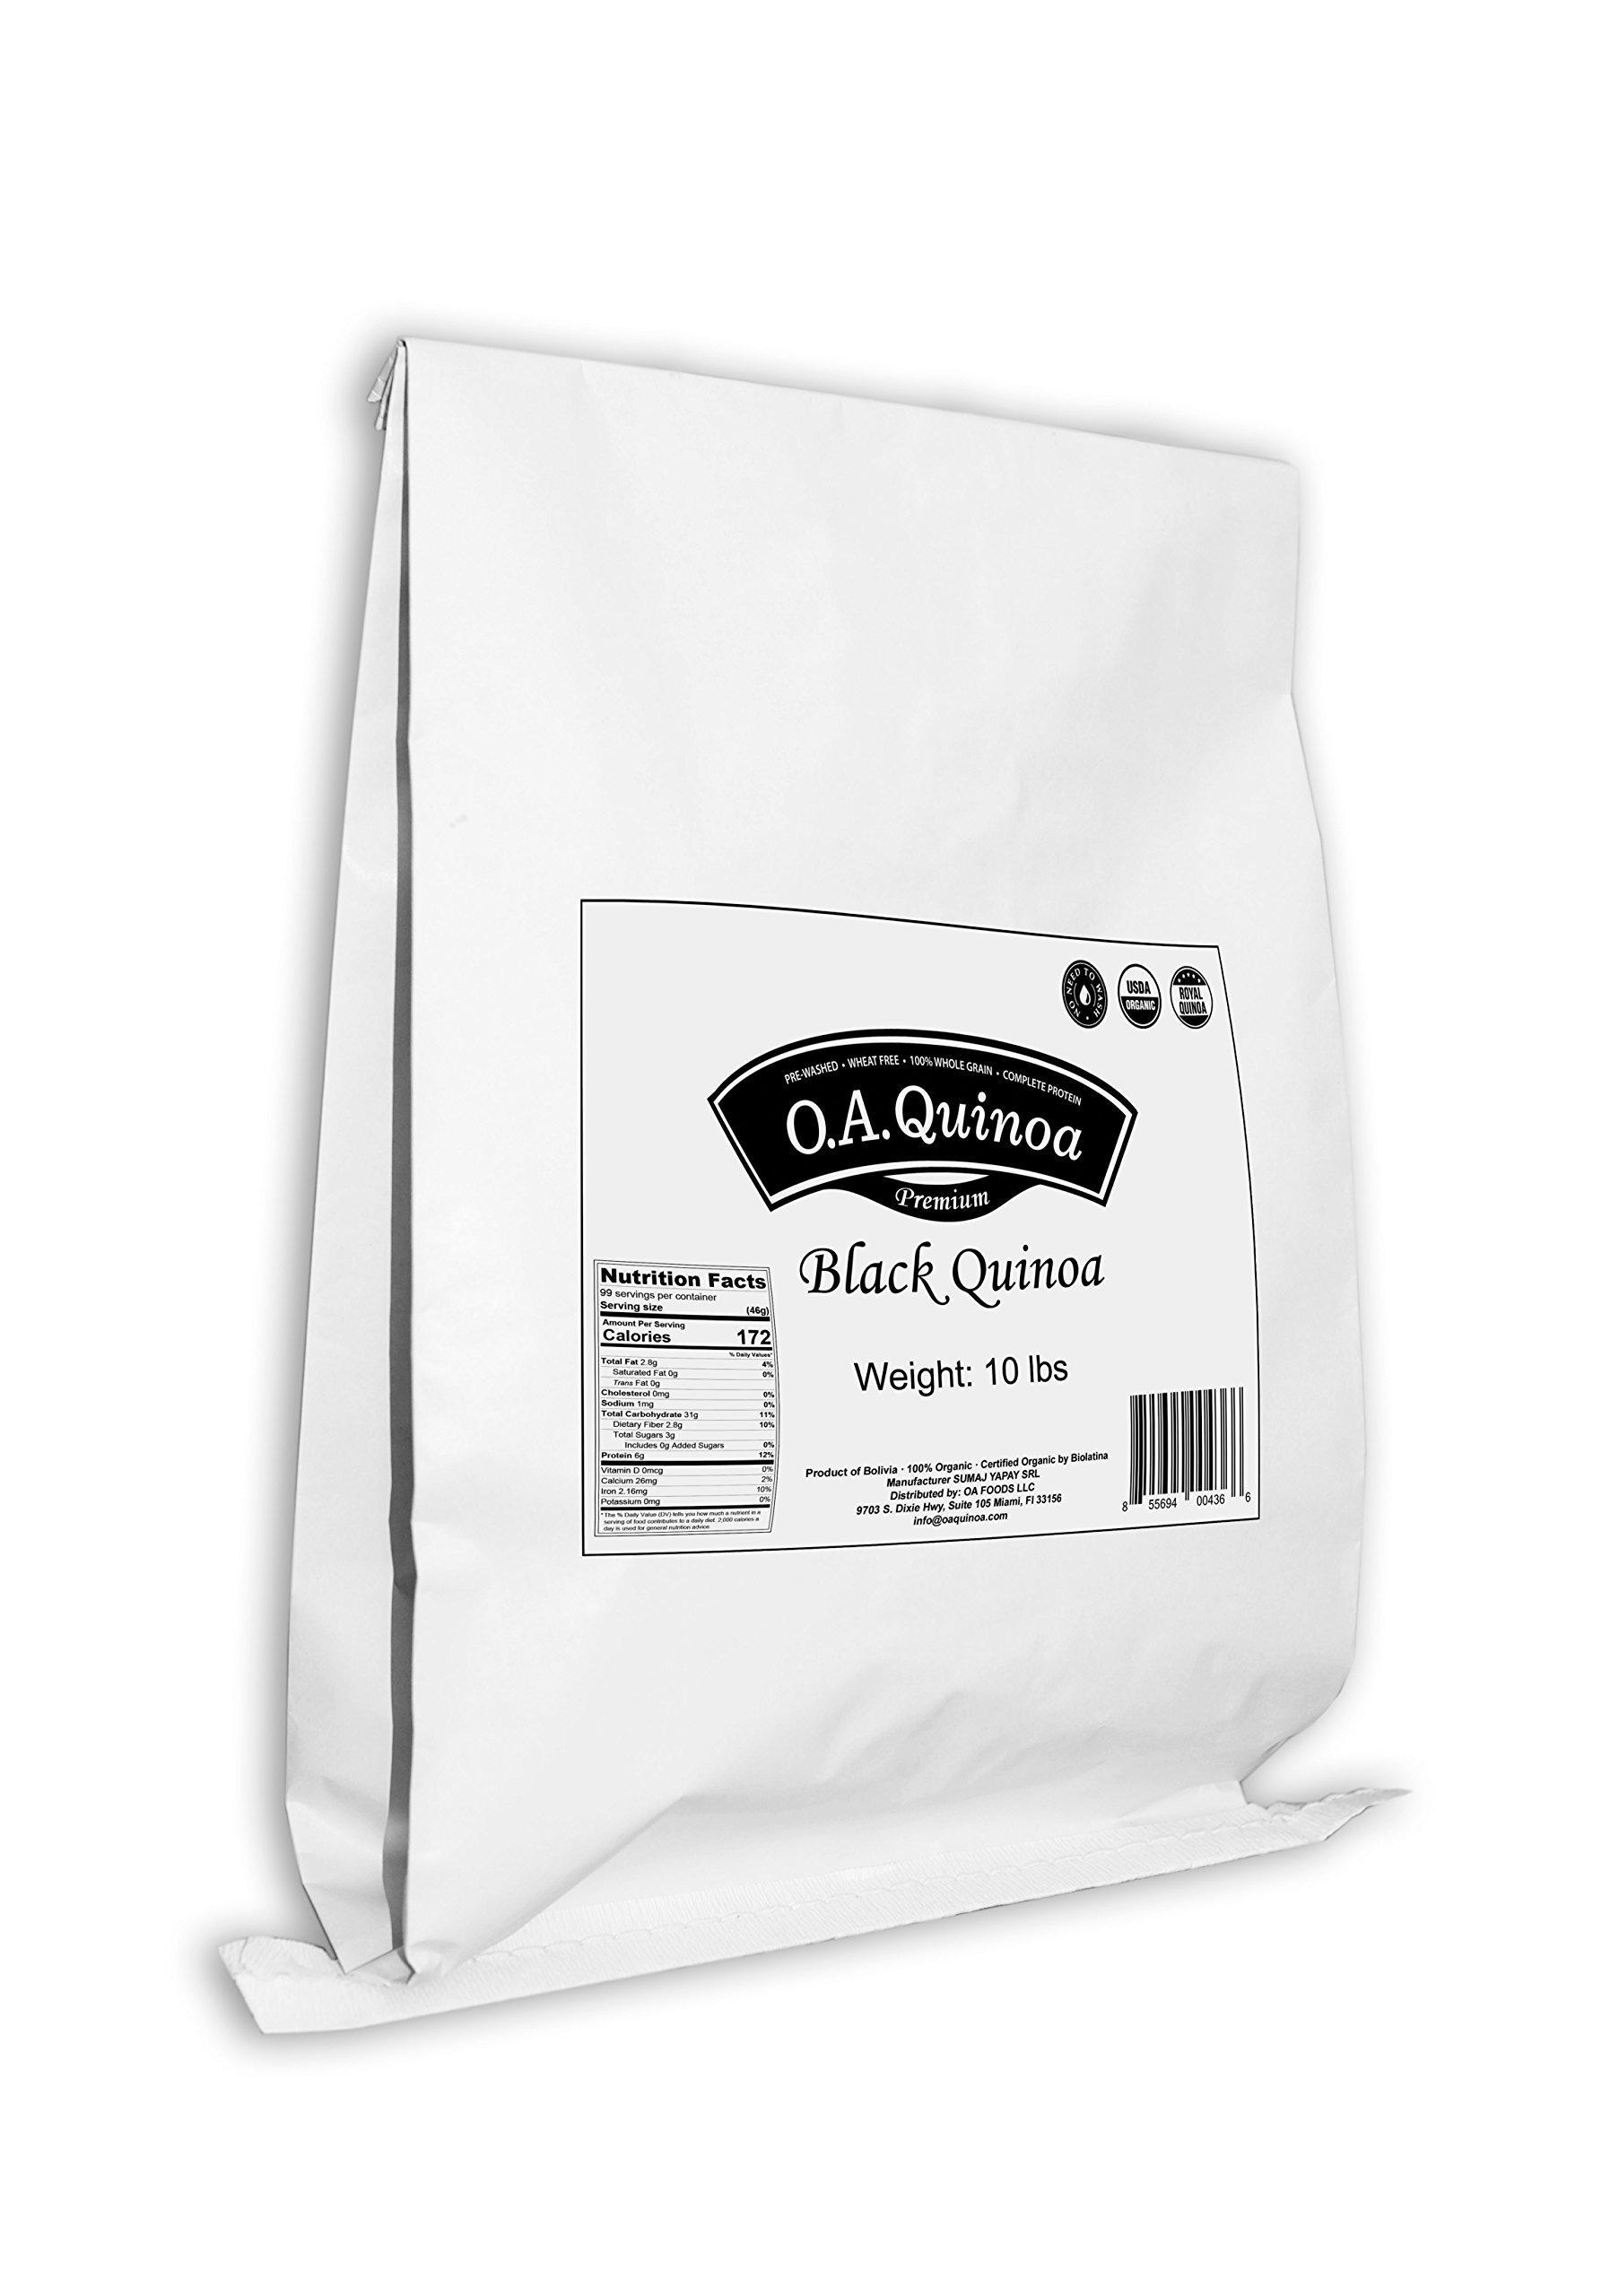 OA QUINOA | ORGANIC ROYAL QUINOA (Black, 10 Lb) by OA QUINOA (Image #2)